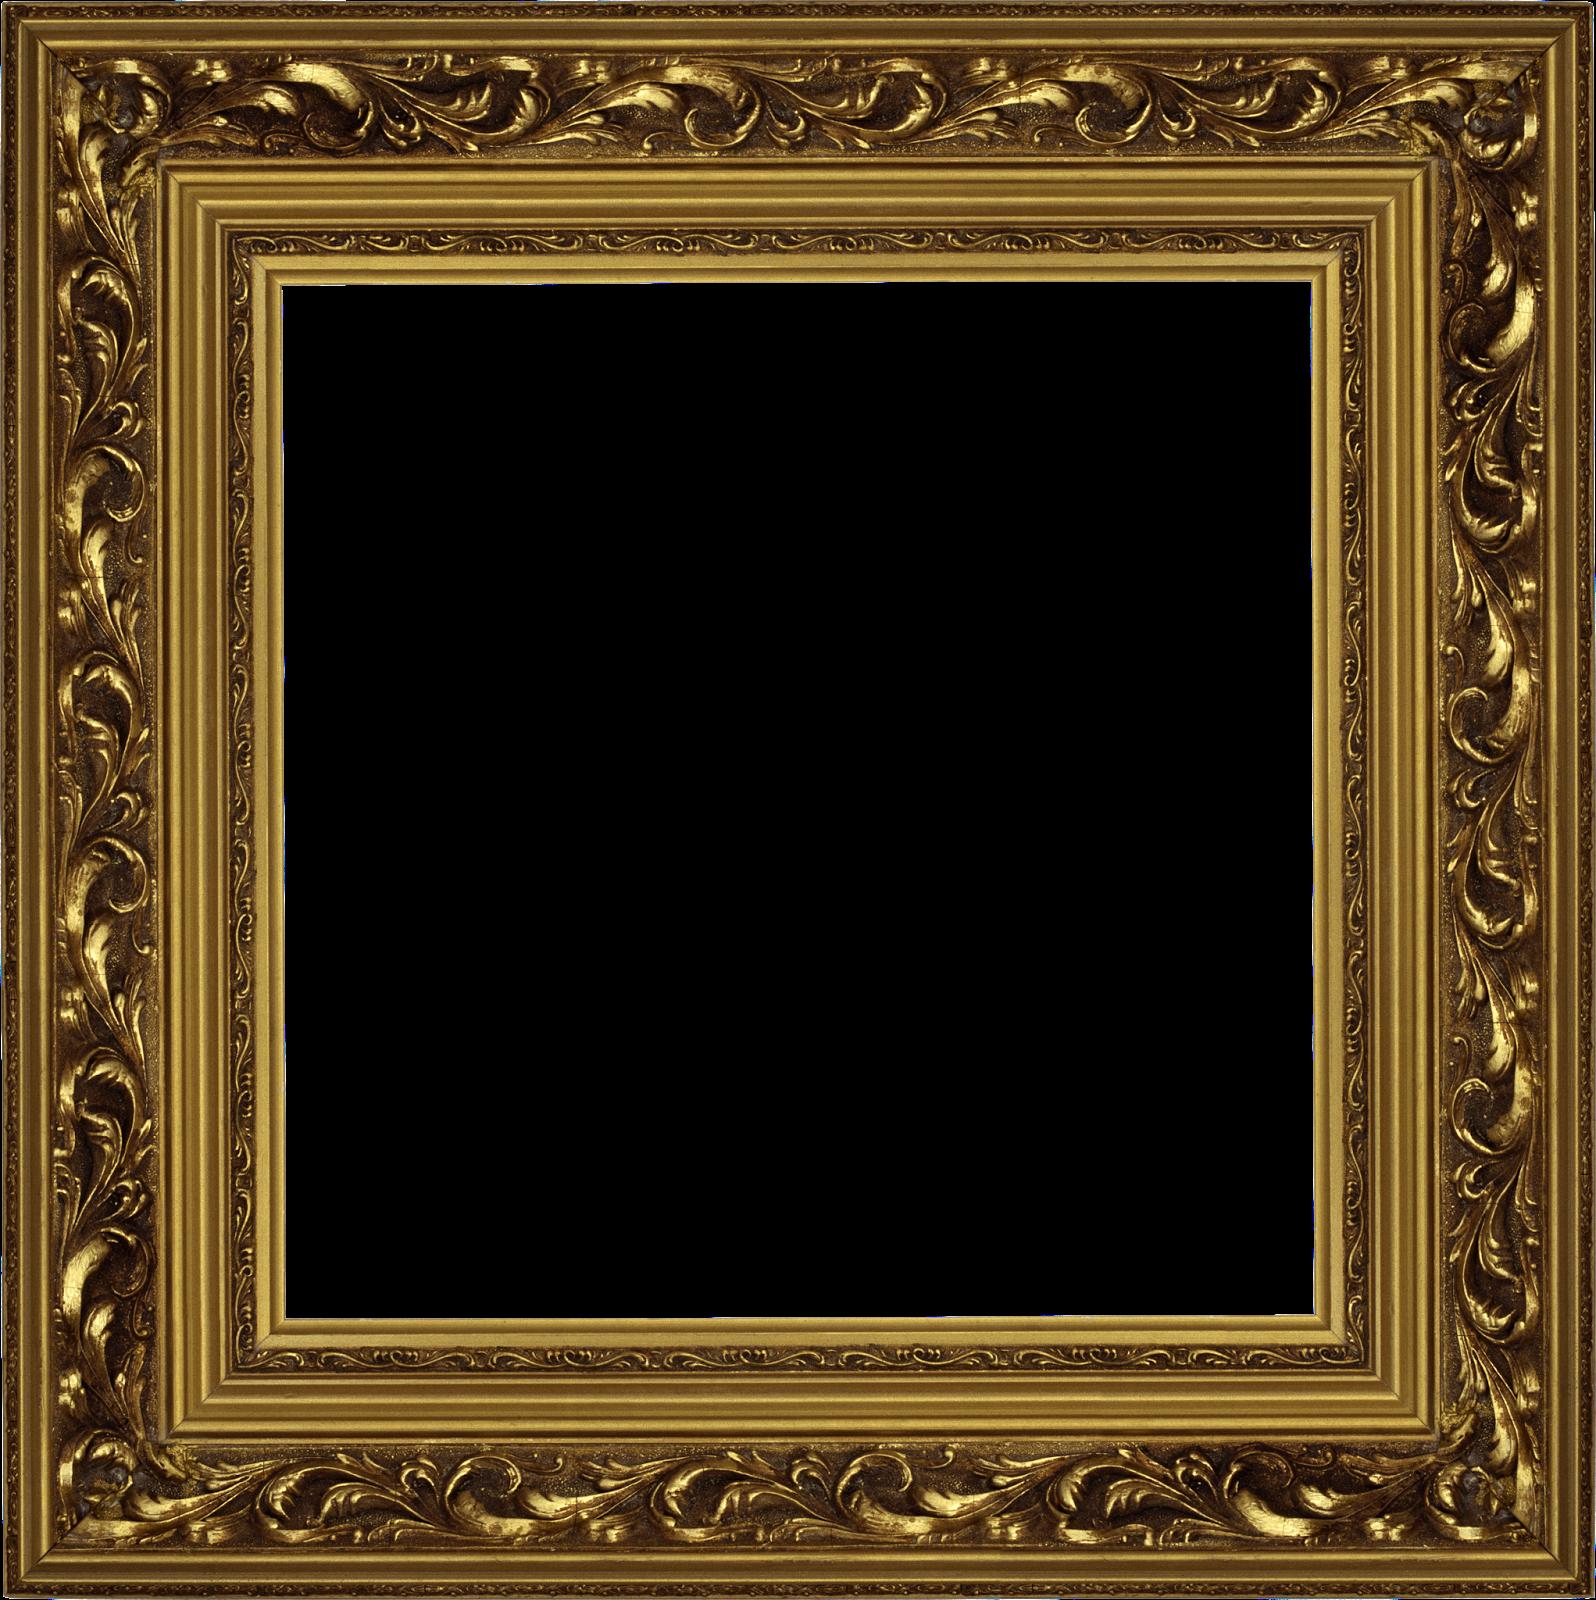 Marcos para fotos marcos para fotos antiguas heramienta - Marcos dorados para cuadros ...